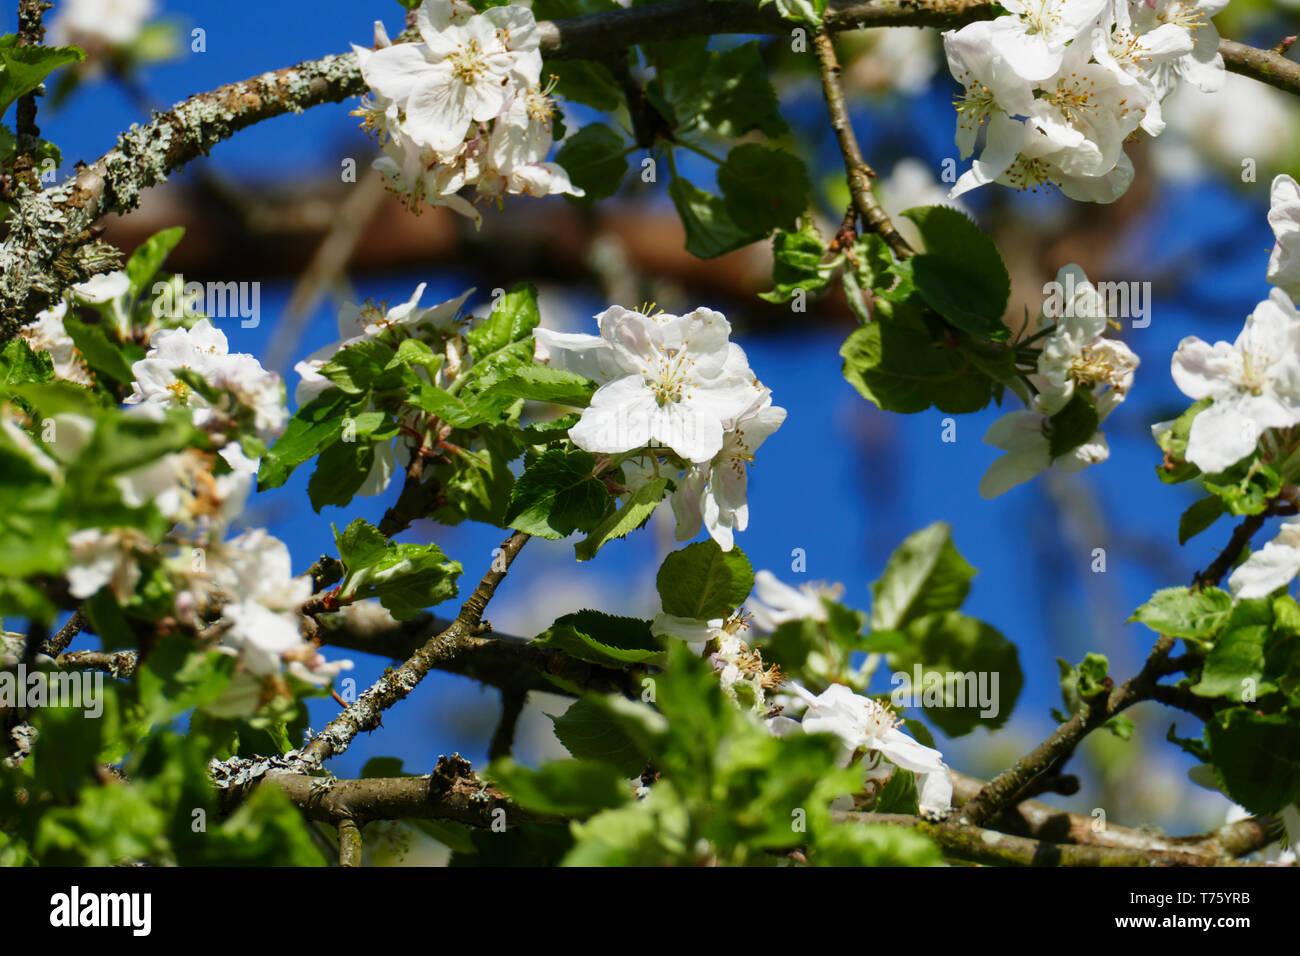 Weiße Apfel Blüte am Baum, mit unscharfem Hintergrund - Stock Image